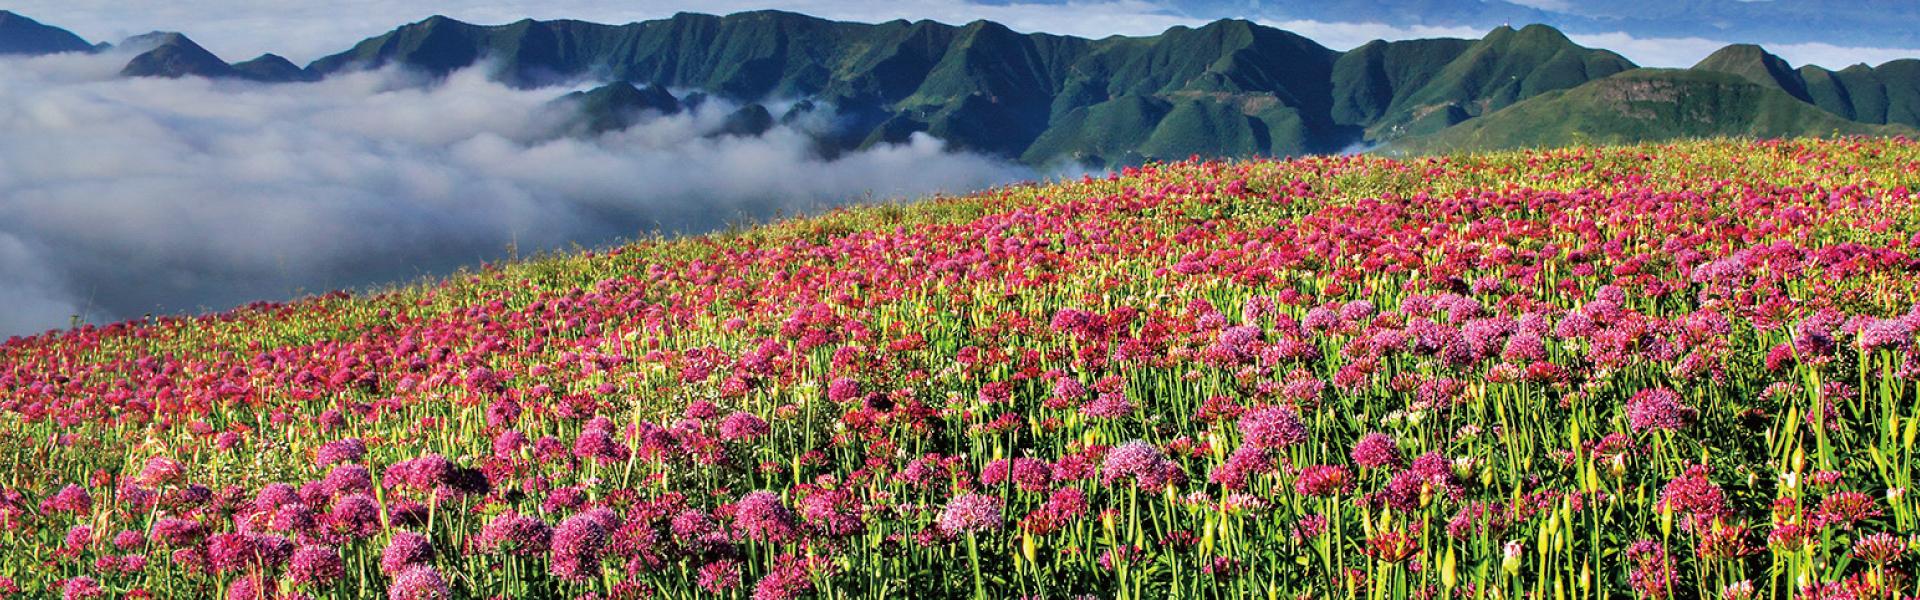 《贵州自驾36计》之第十七计 花海毕节 百里风光看不尽